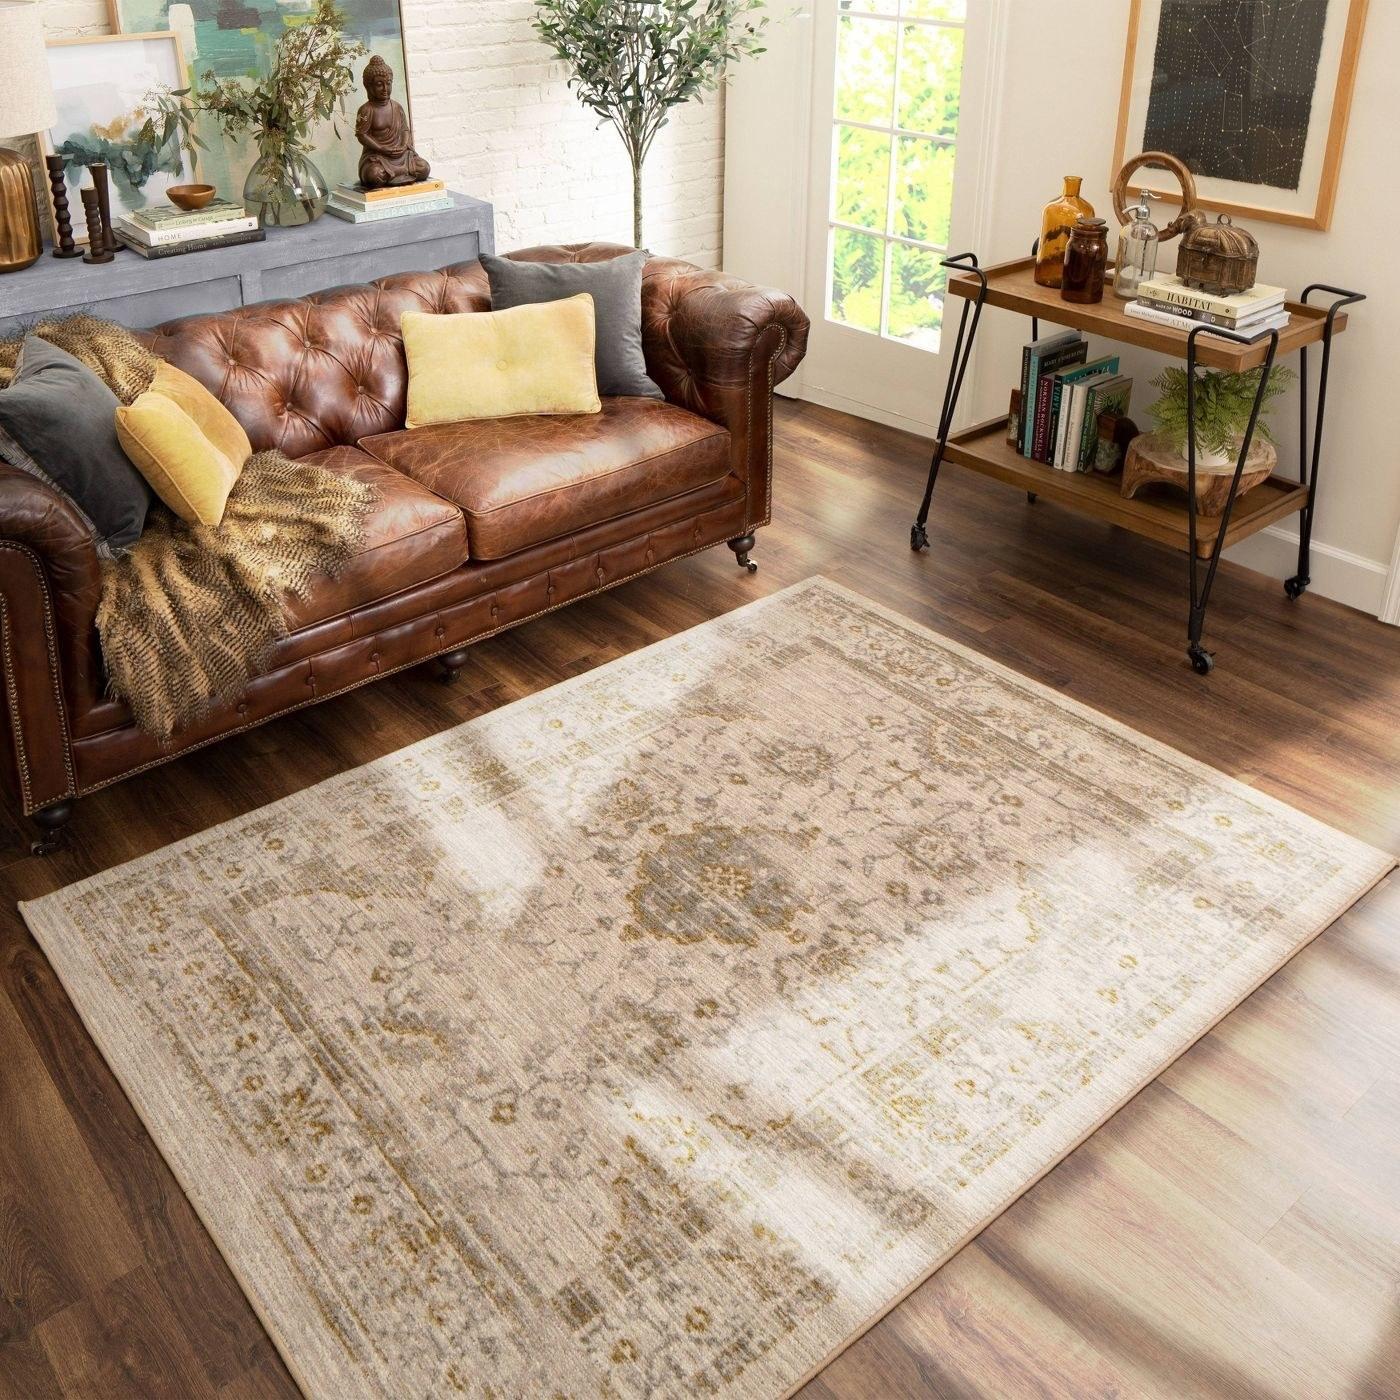 A neutral rug in a home